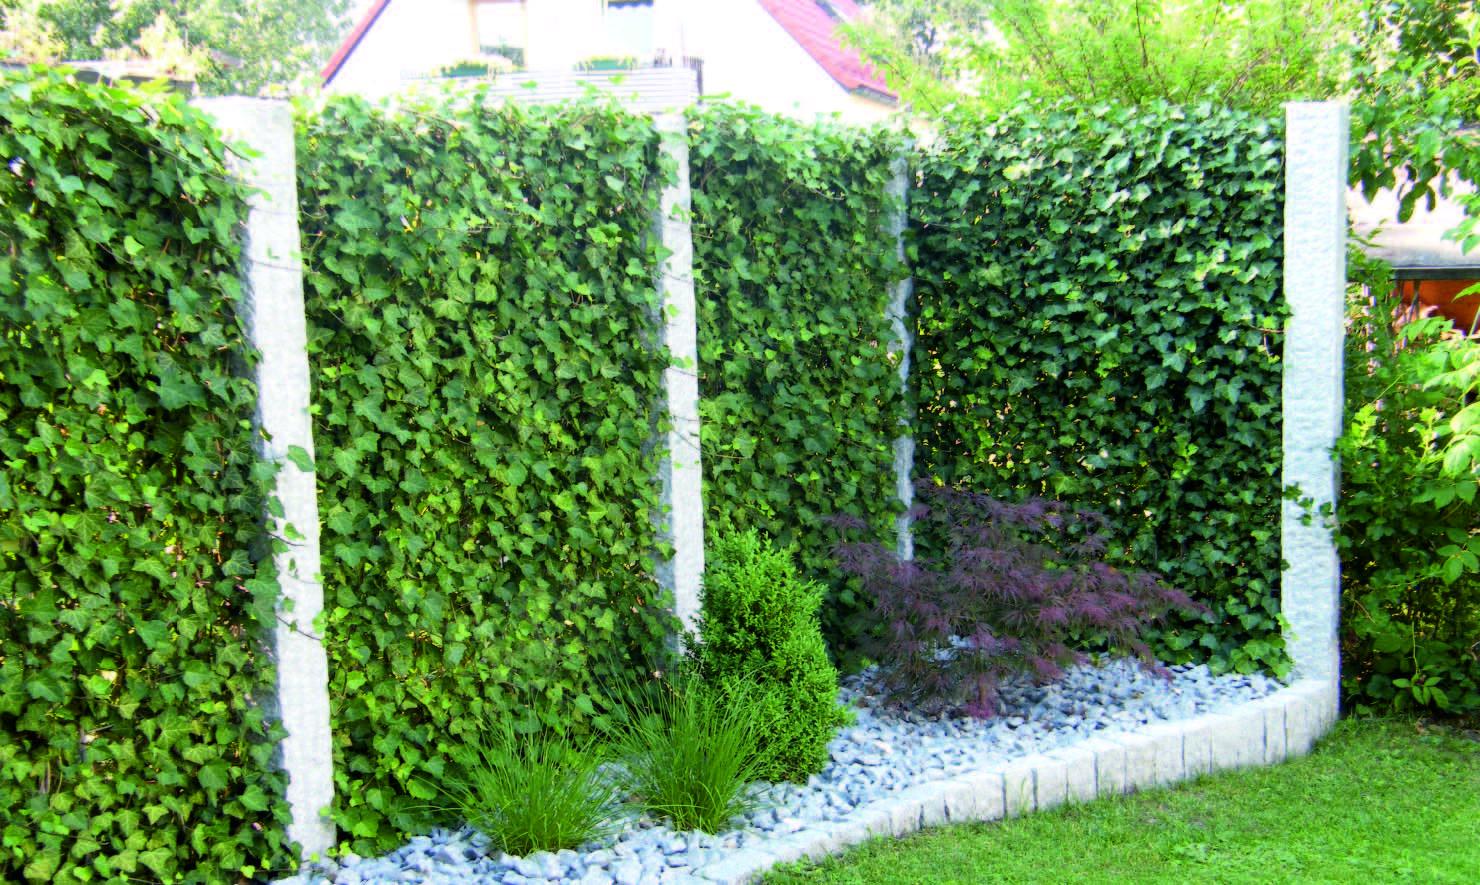 Die Efeuhecke ist seit Jahren der beliebteste und meistgepflanzte